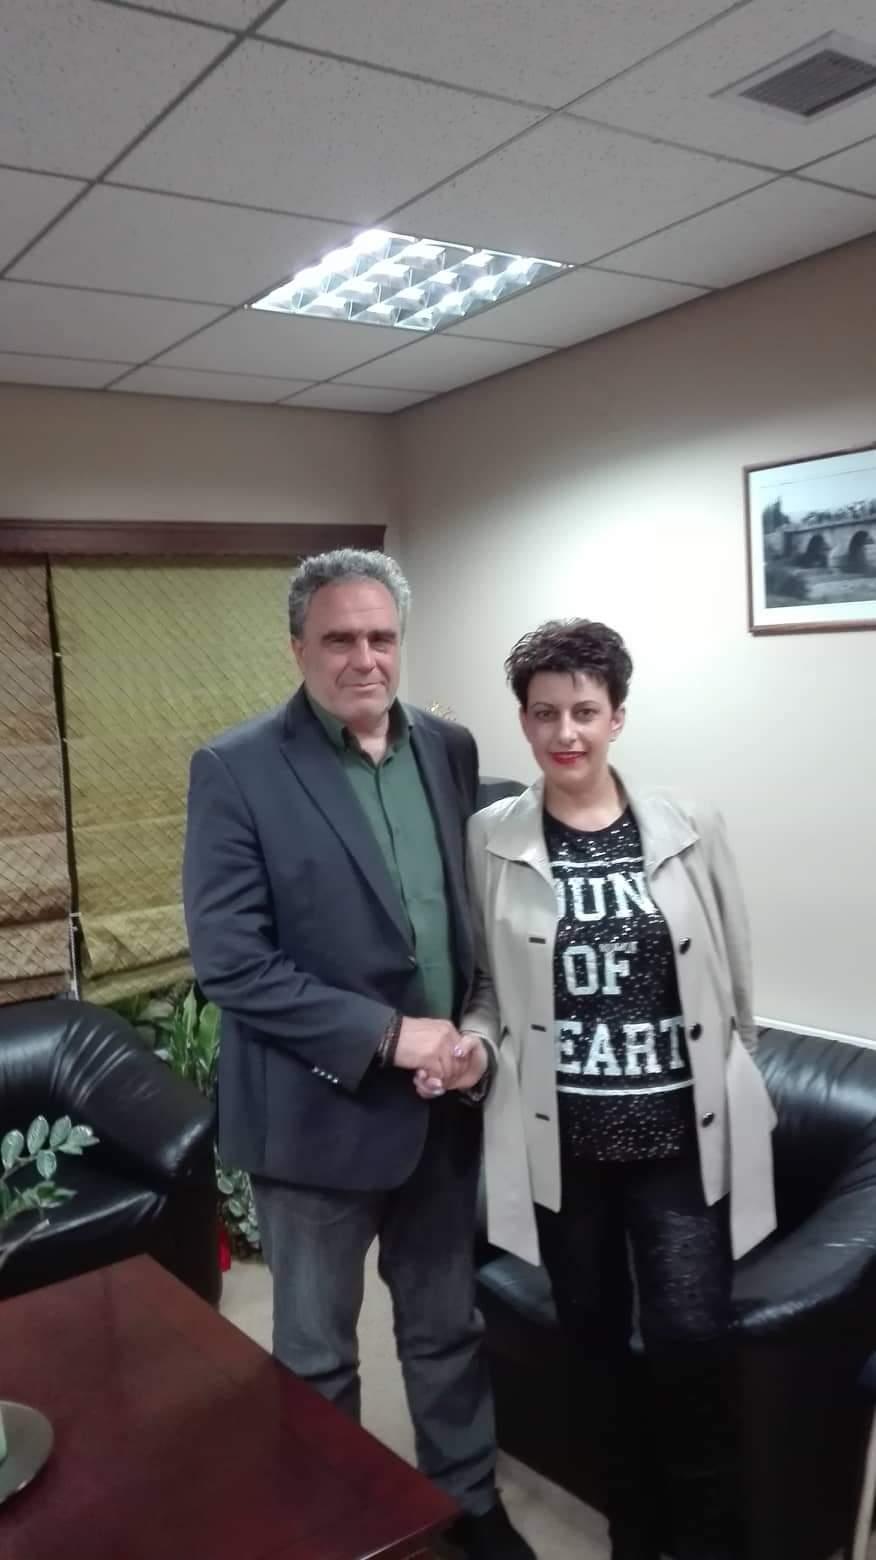 Η Μαρία Μπίτζου-Παπακυριακού Υποψήφια Δημοτική σύμβουλος με τον συνδυασμό του Γιώργου Ψαθά received 268268860795149